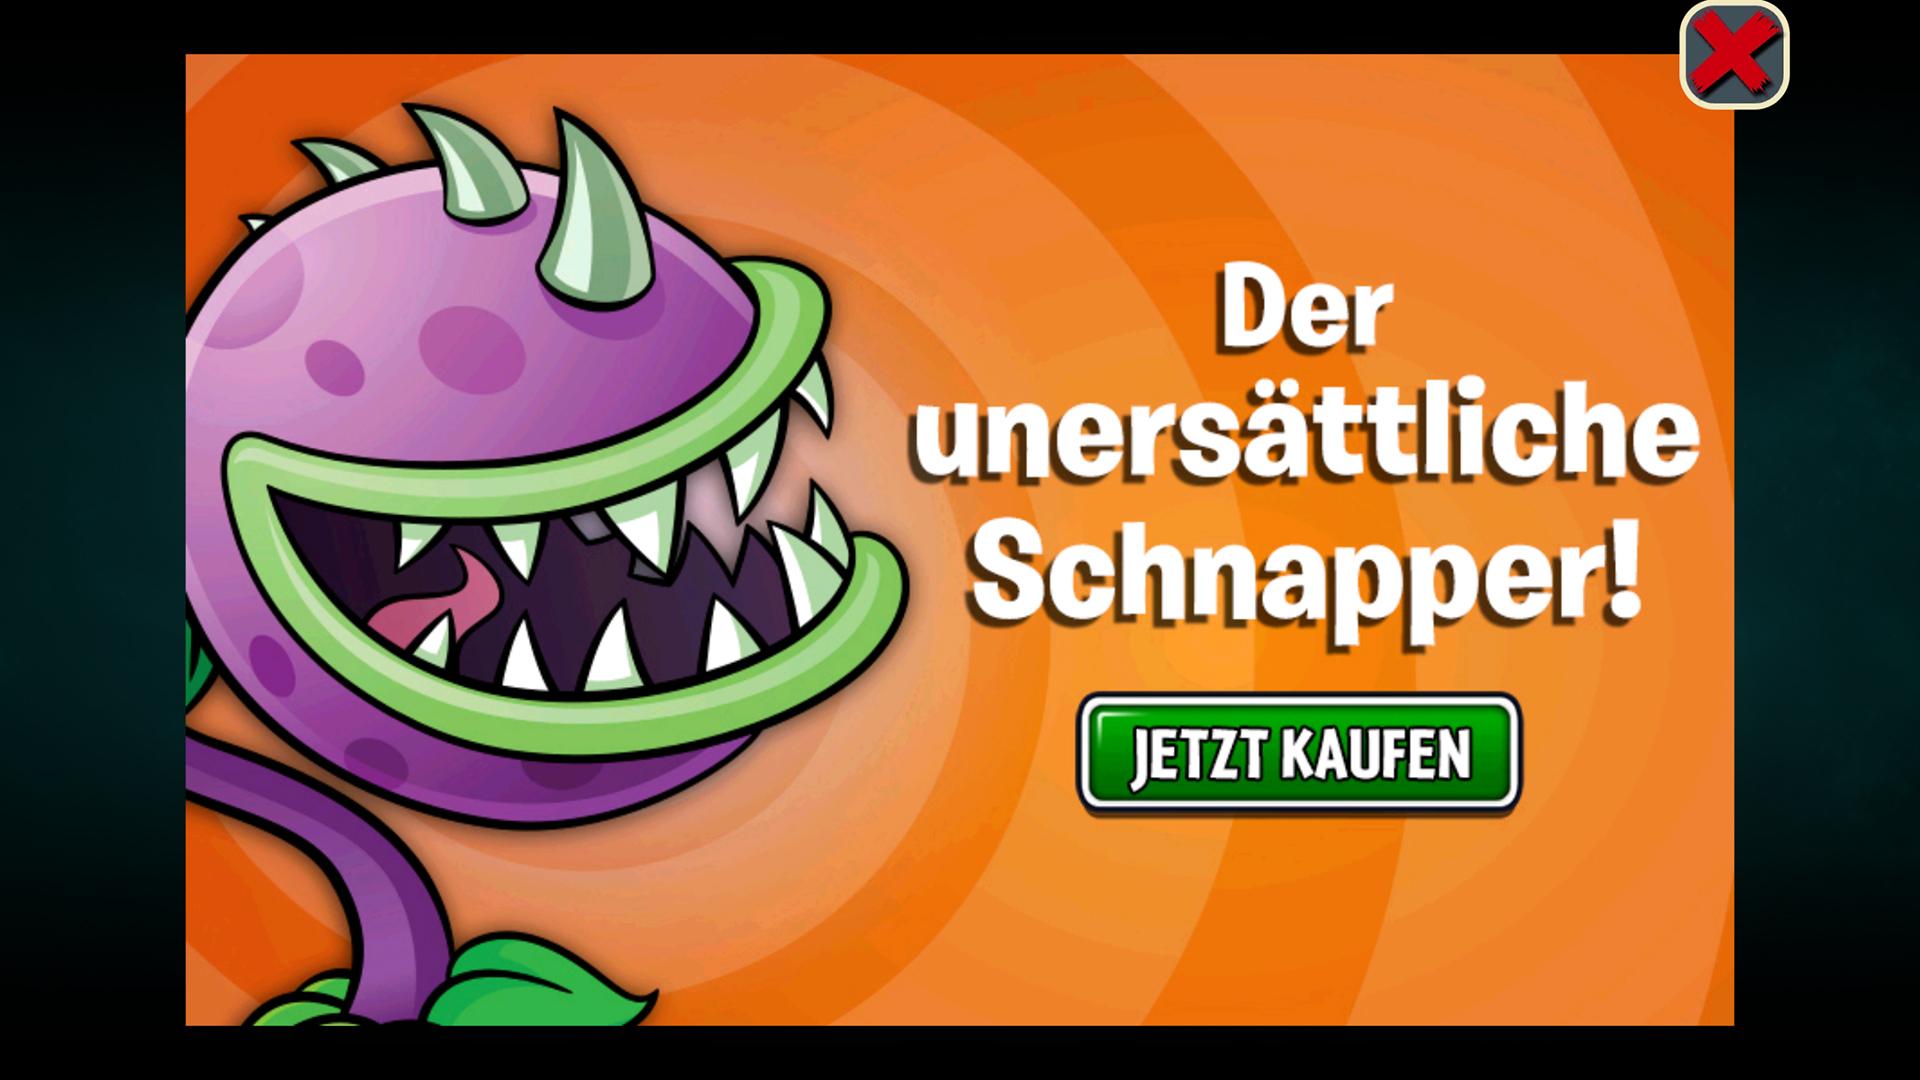 Pflanzen Gegen Zombies 2 Wo Hört F2p Auf Wo Fängt P2w An User